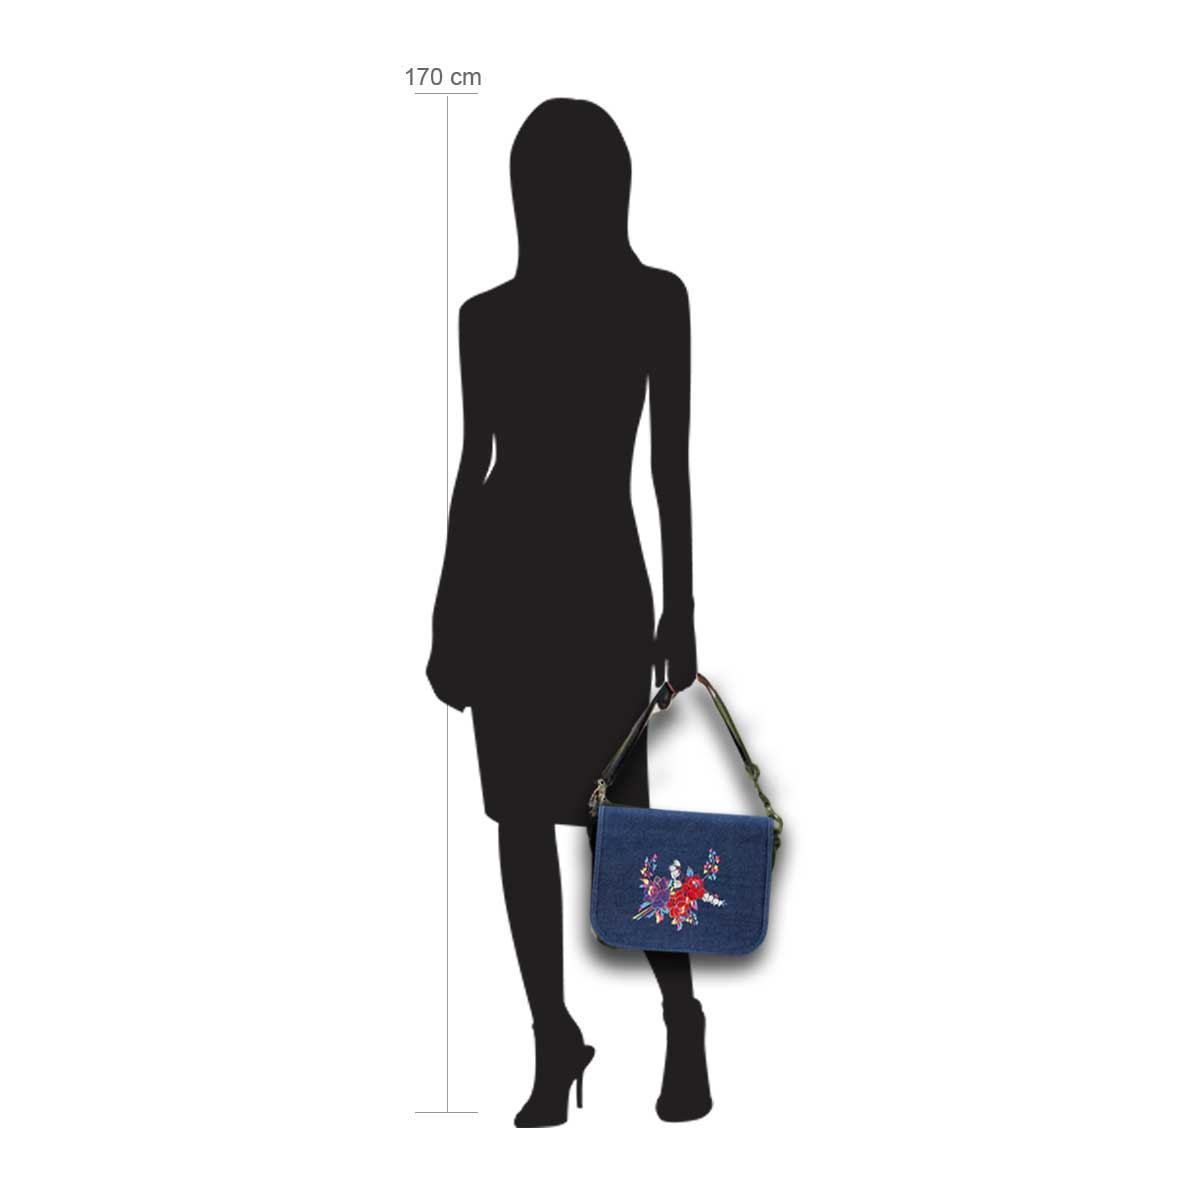 Modellpuppe 170 cm groß zeigt die Handtaschengröße an der Person Modell:Jeans